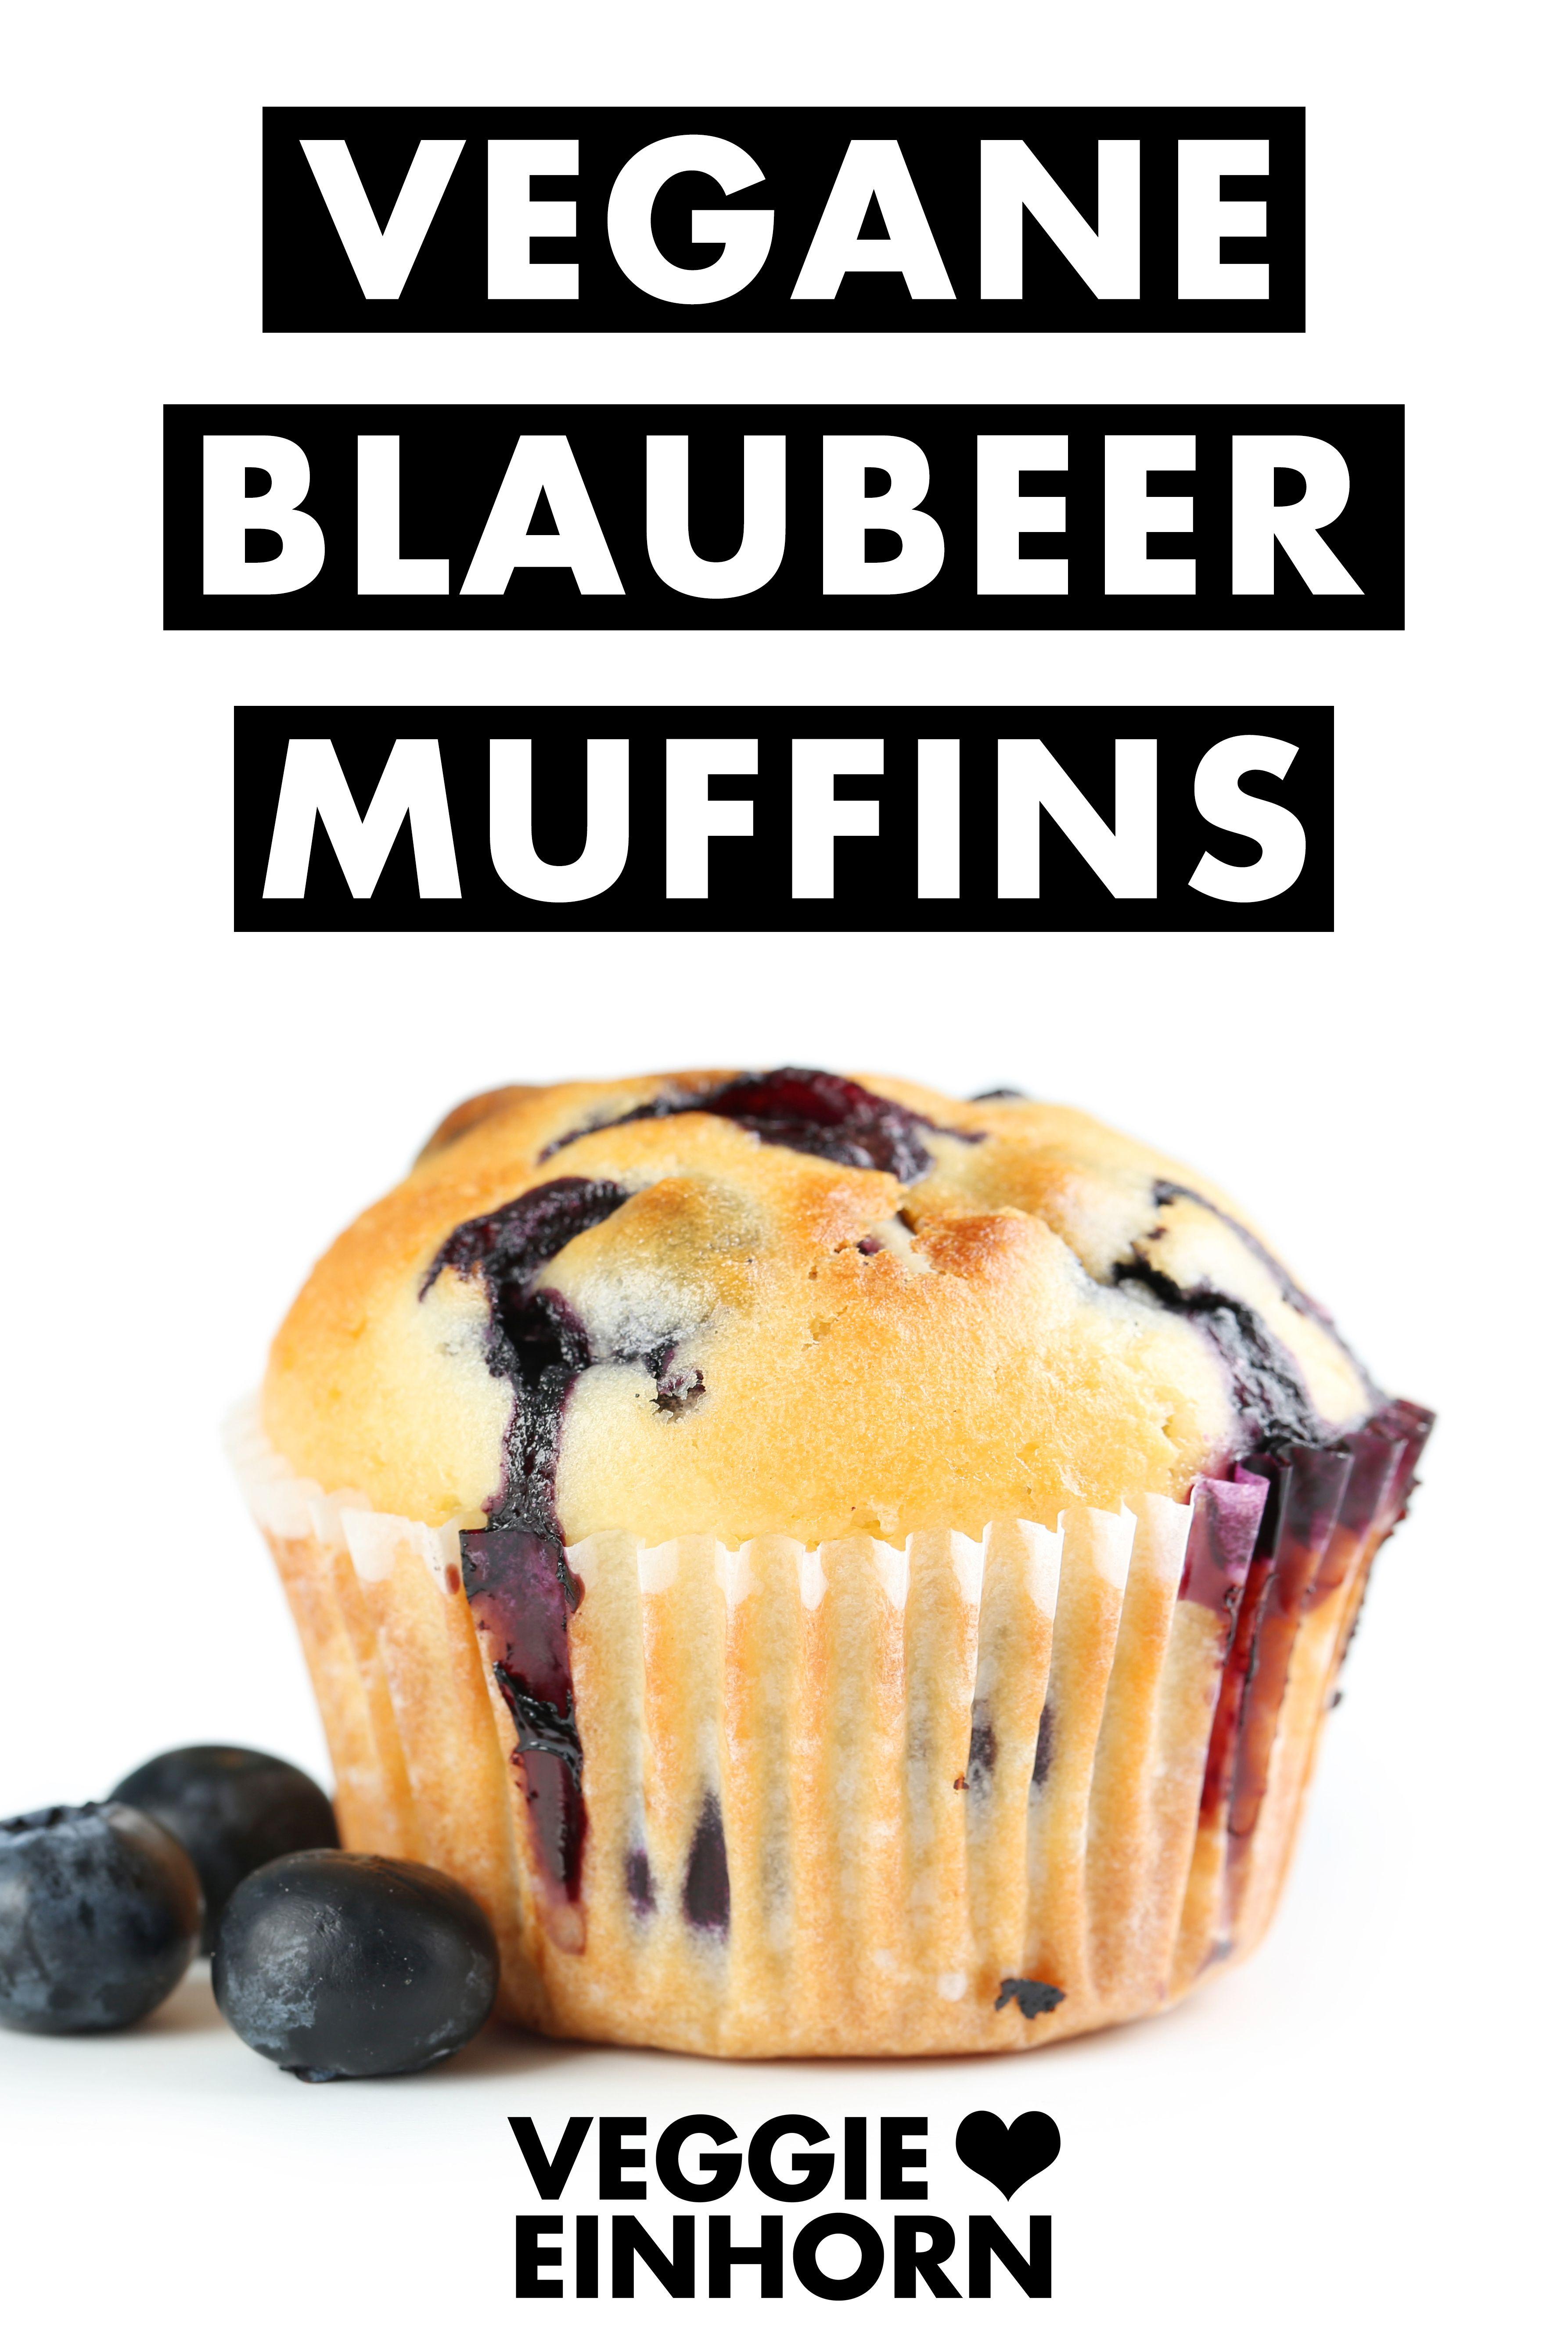 Die besten veganen Blaubeermuffins | Saftige Blaubeer Muffins ohne Ei | Einfach vegan backen